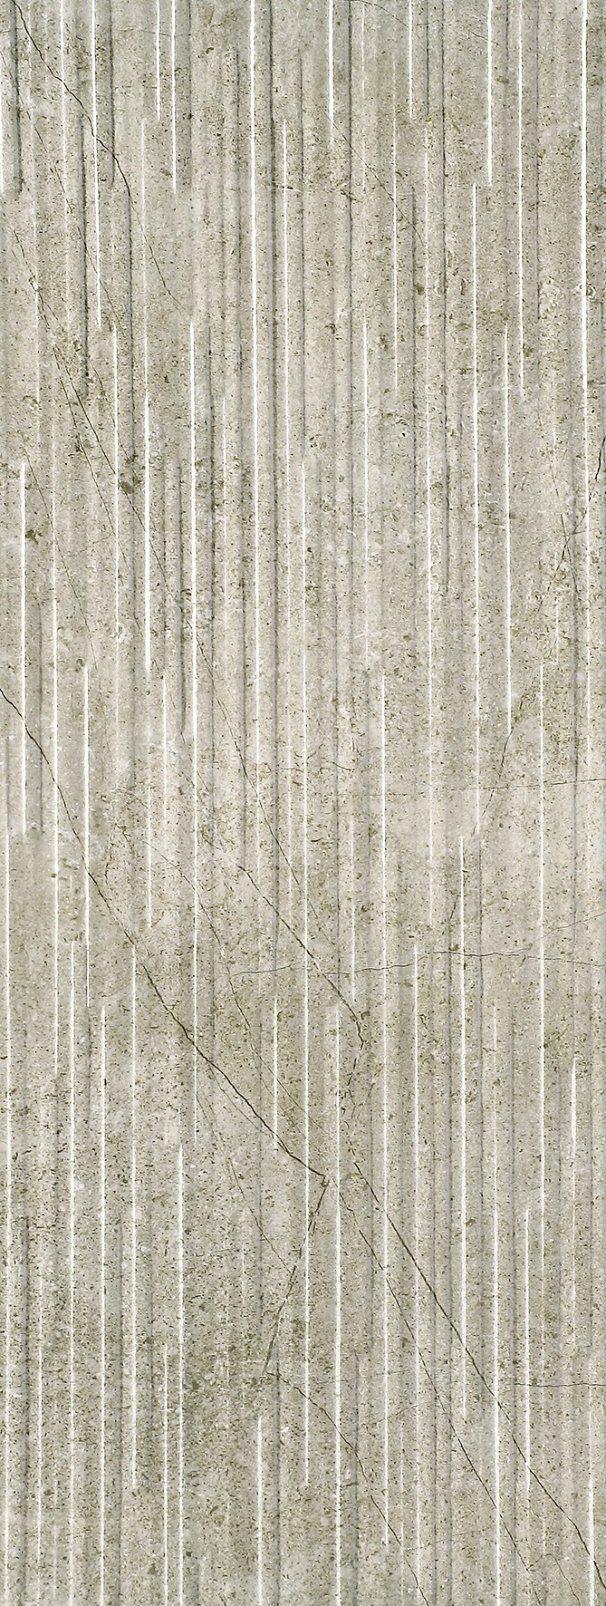 Buone mattonelle di pavimento di disegno della parete della stanza da bagno di ceramica rustica tradizionale delle mattonelle